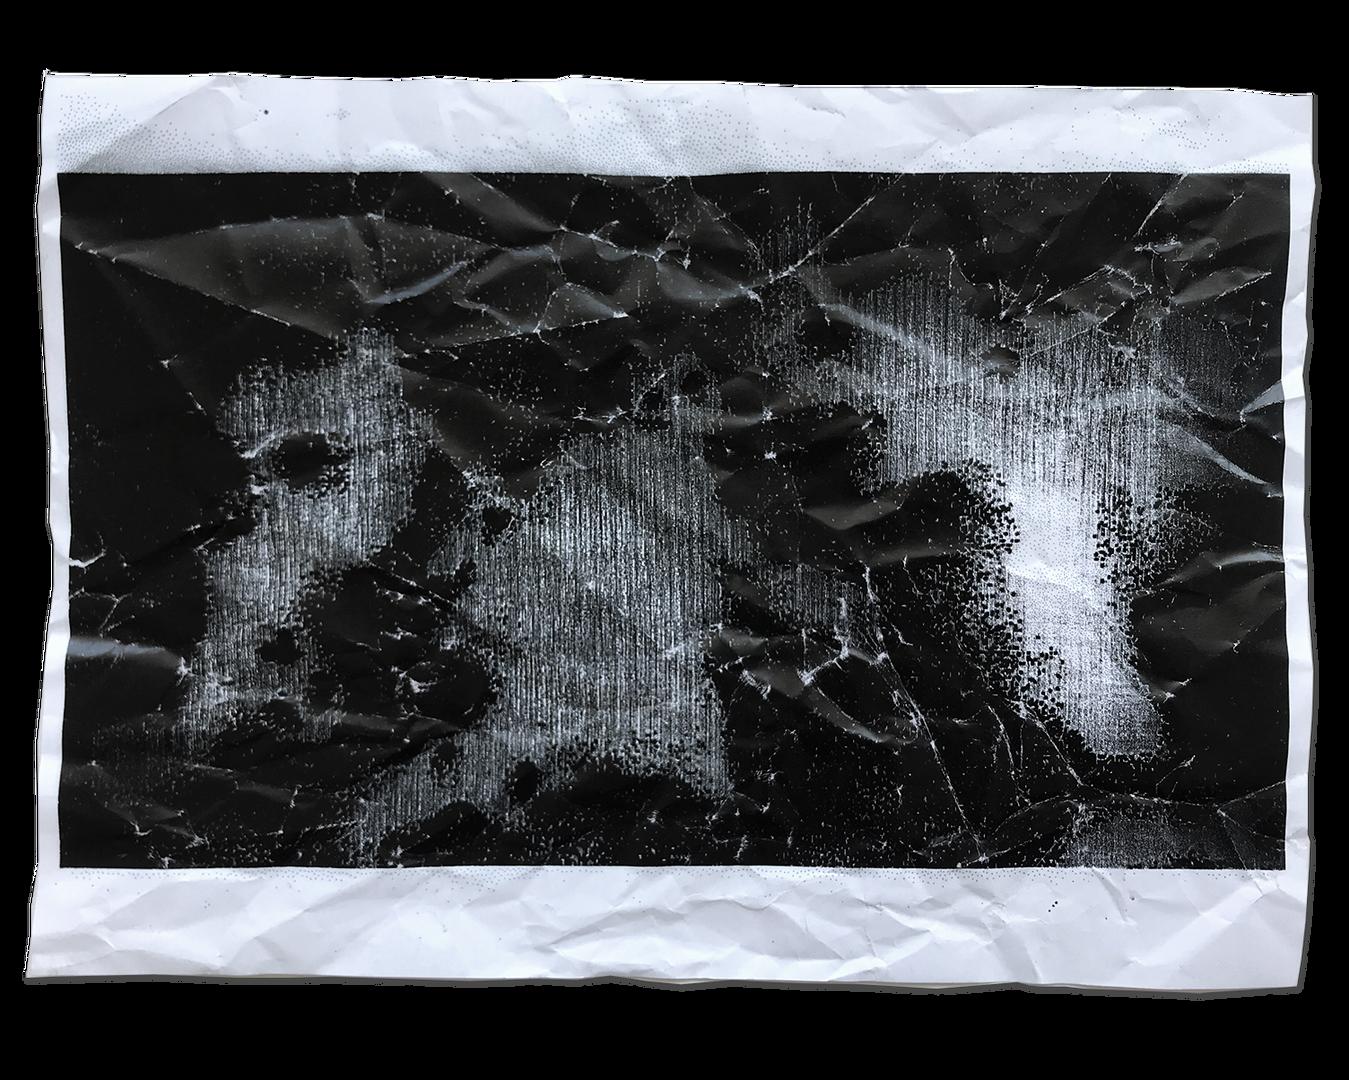 Experiment 12, E012